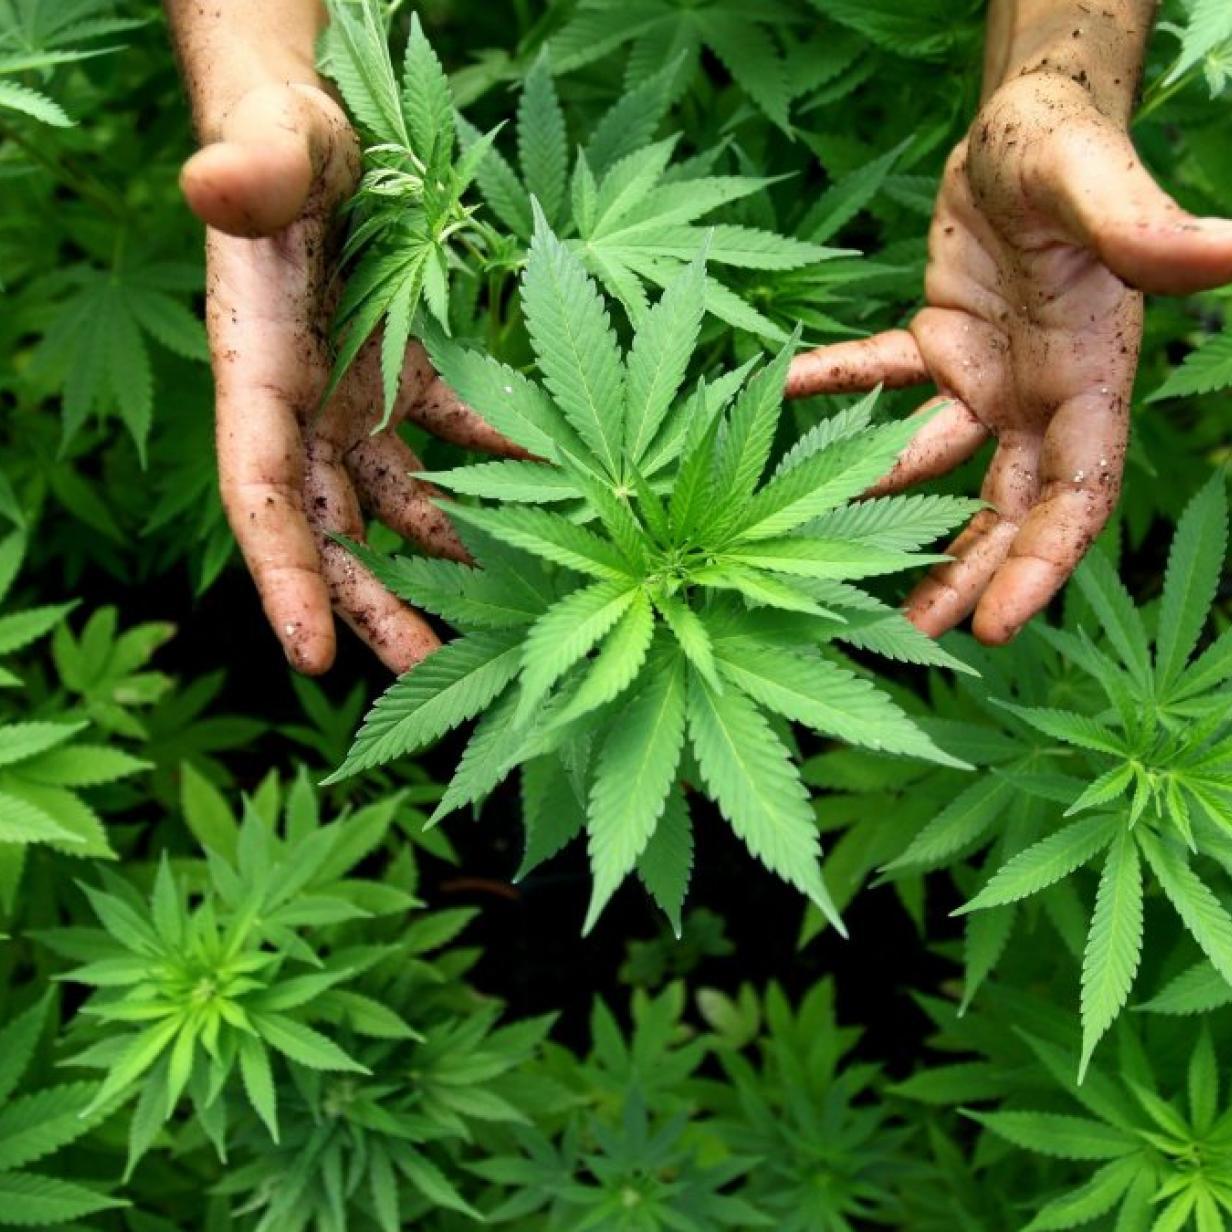 pianta cannabis investimento